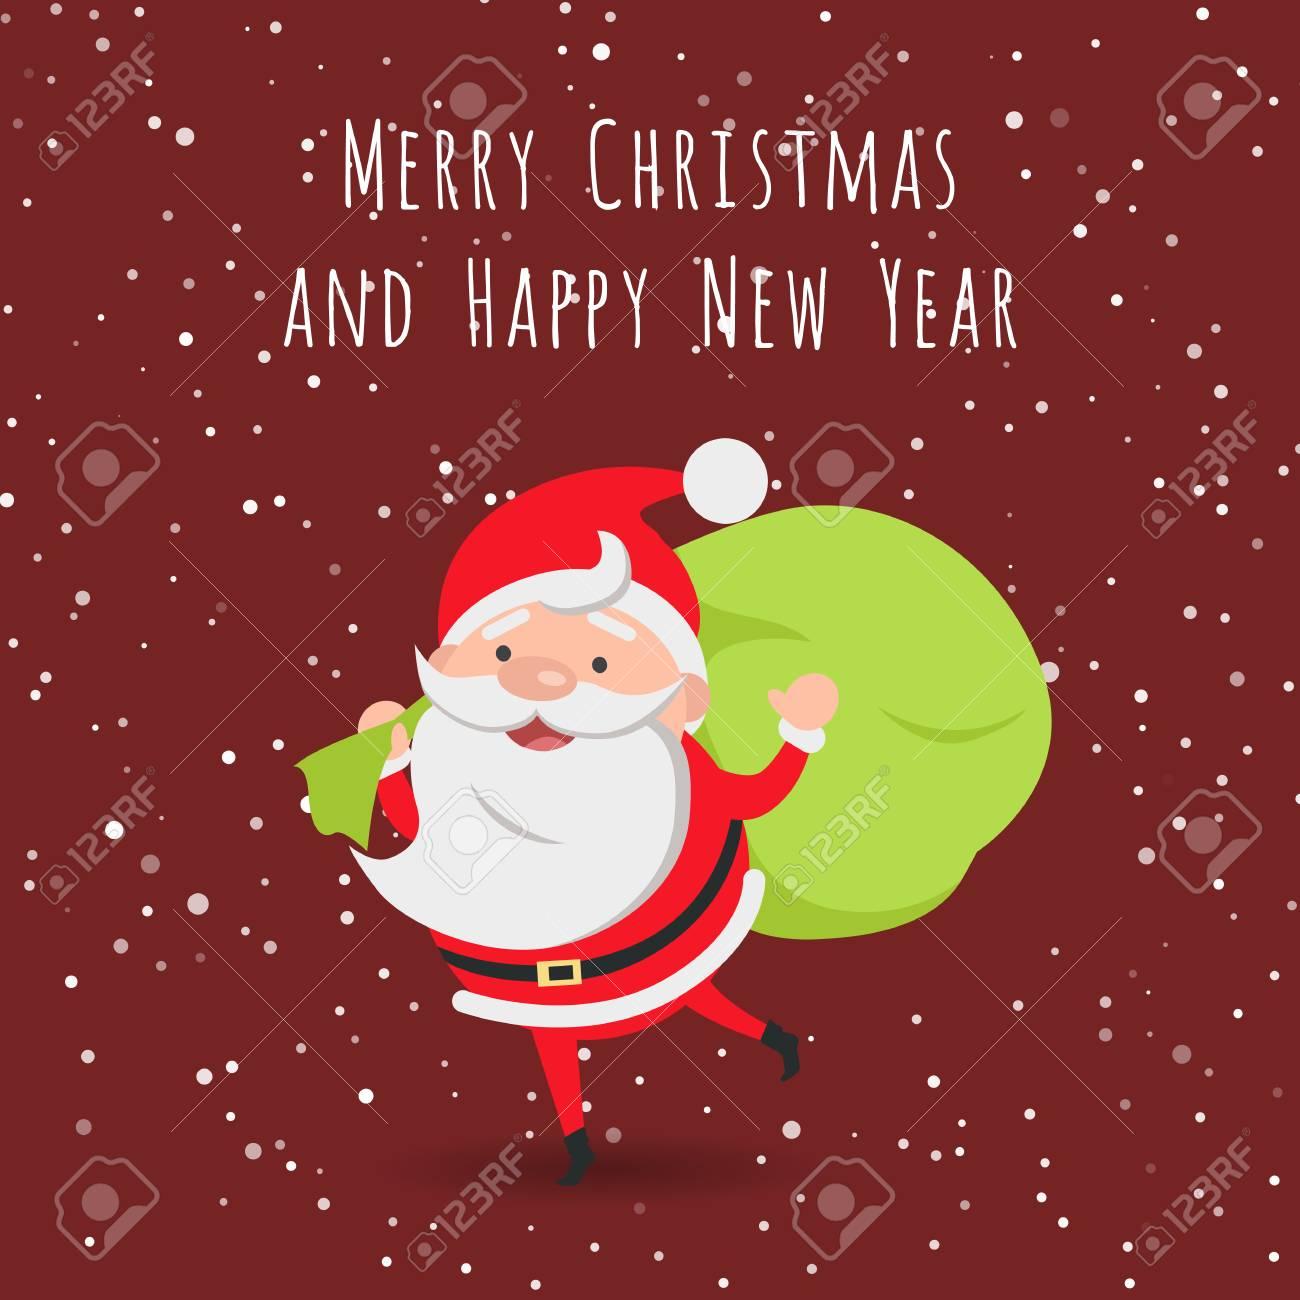 Vrolijk Kerstfeest En Een Gelukkig Nieuwjaar Kerstman Royalty Vrije